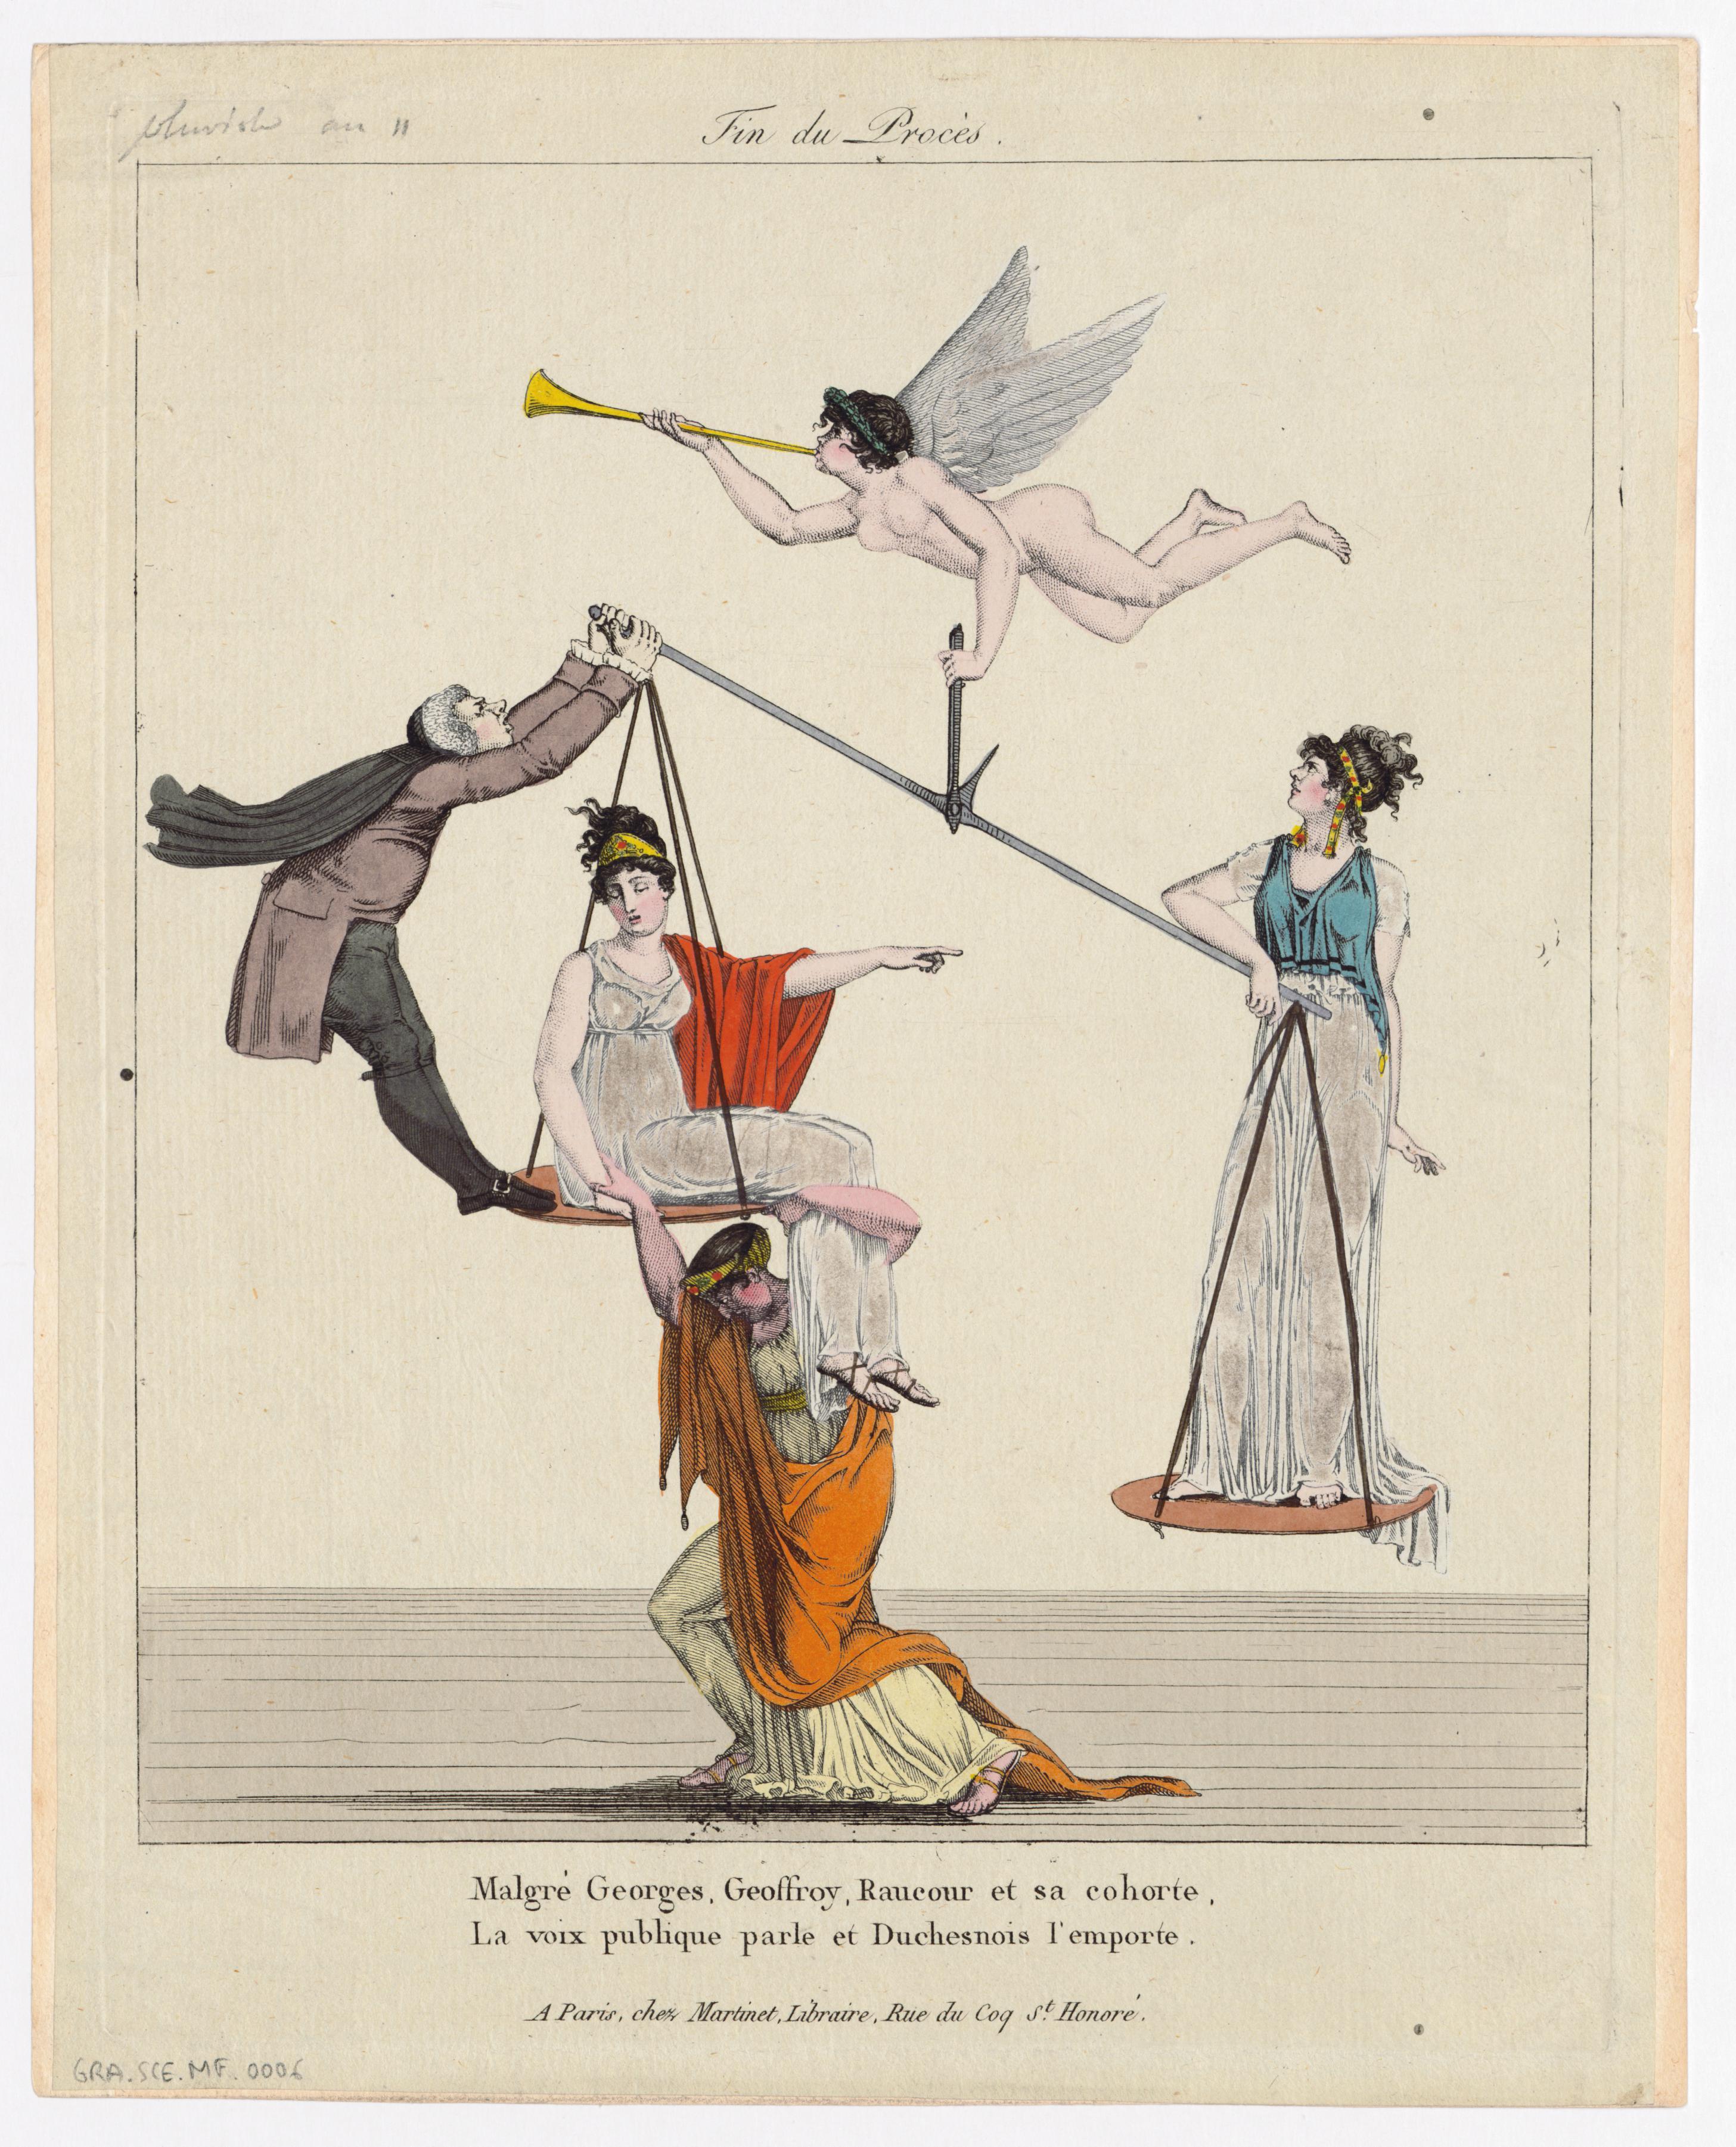 02-fin-du-proca-s-caricature-1802-1804-